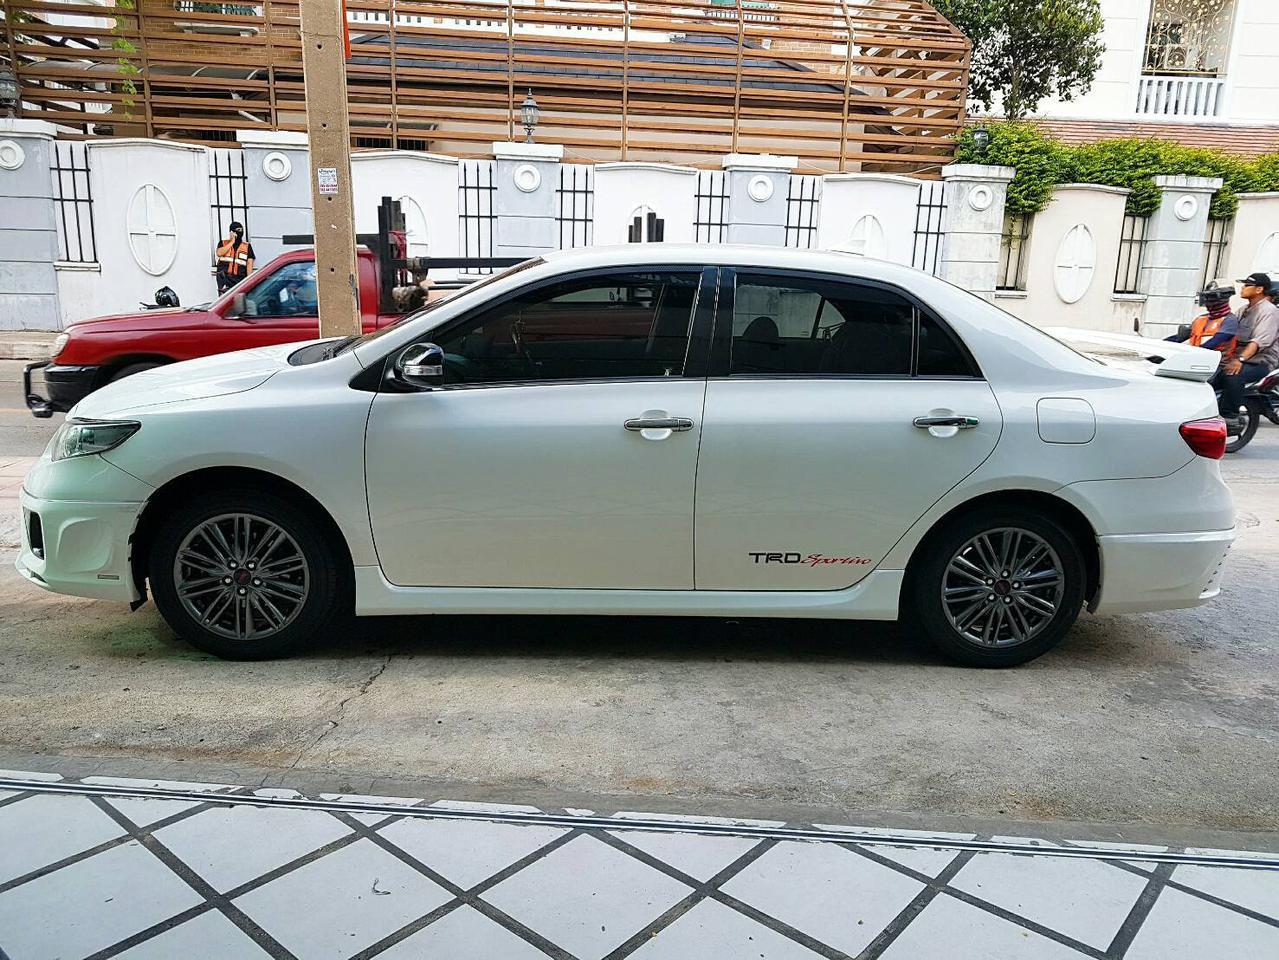 TOYOTA ALTIS SPORTIVO TRD 1.8 รถปี 2011 สีขาว รถบ้าน สวยมากครับ  รูปที่ 2